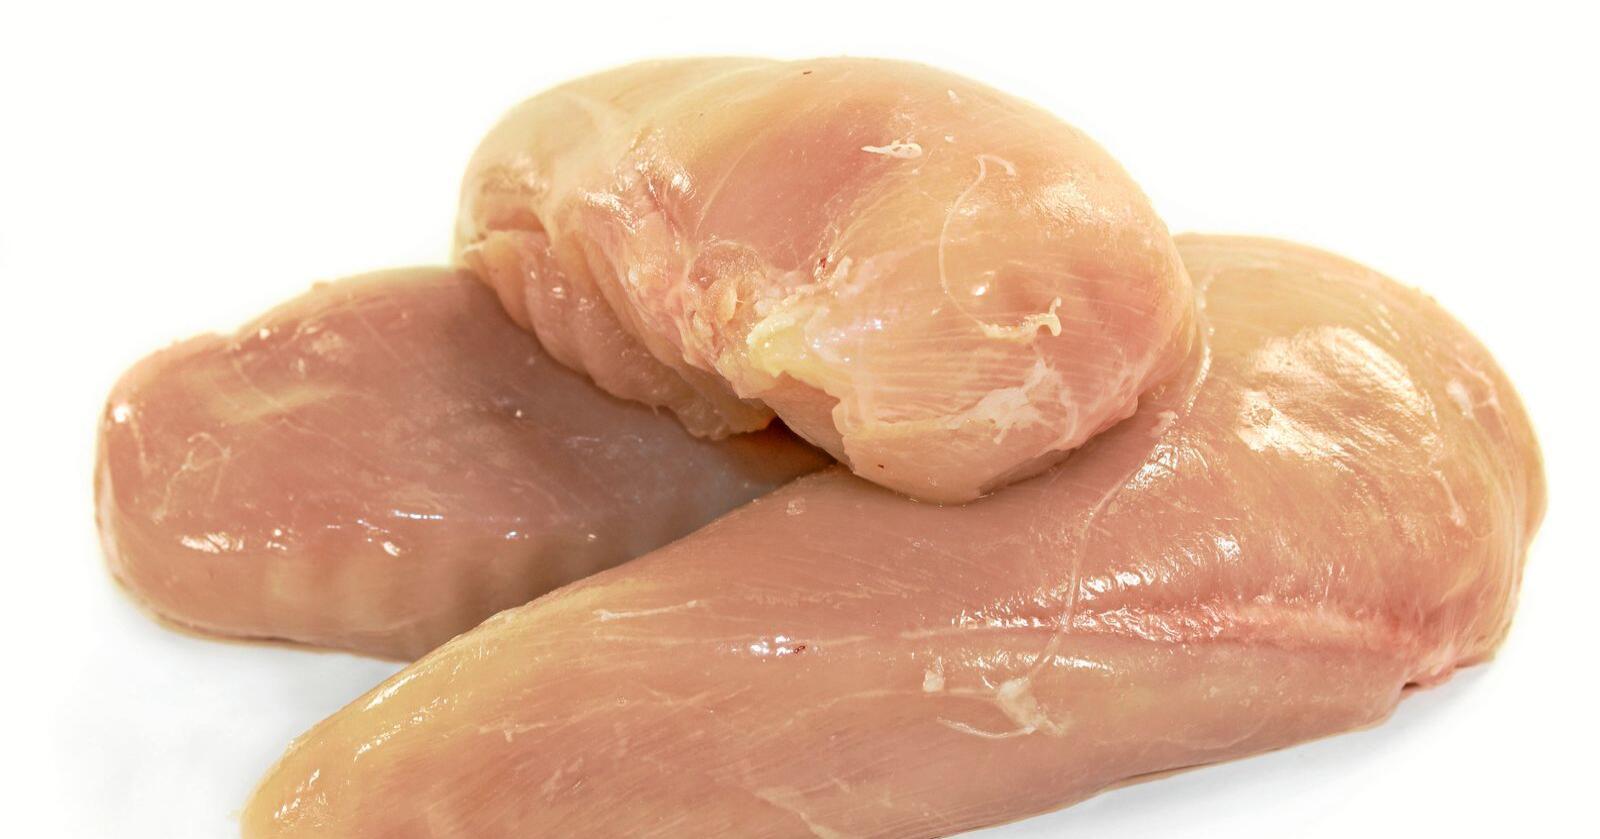 EU har importforbud mot kyllinger som er blitt vasket med klor, fordi unionen frykter at det er en sovepute for dårlig hygiene i amerikansk fjørfeindustri. Nå vil USA overtale EU til å snu. Foto: Nationen